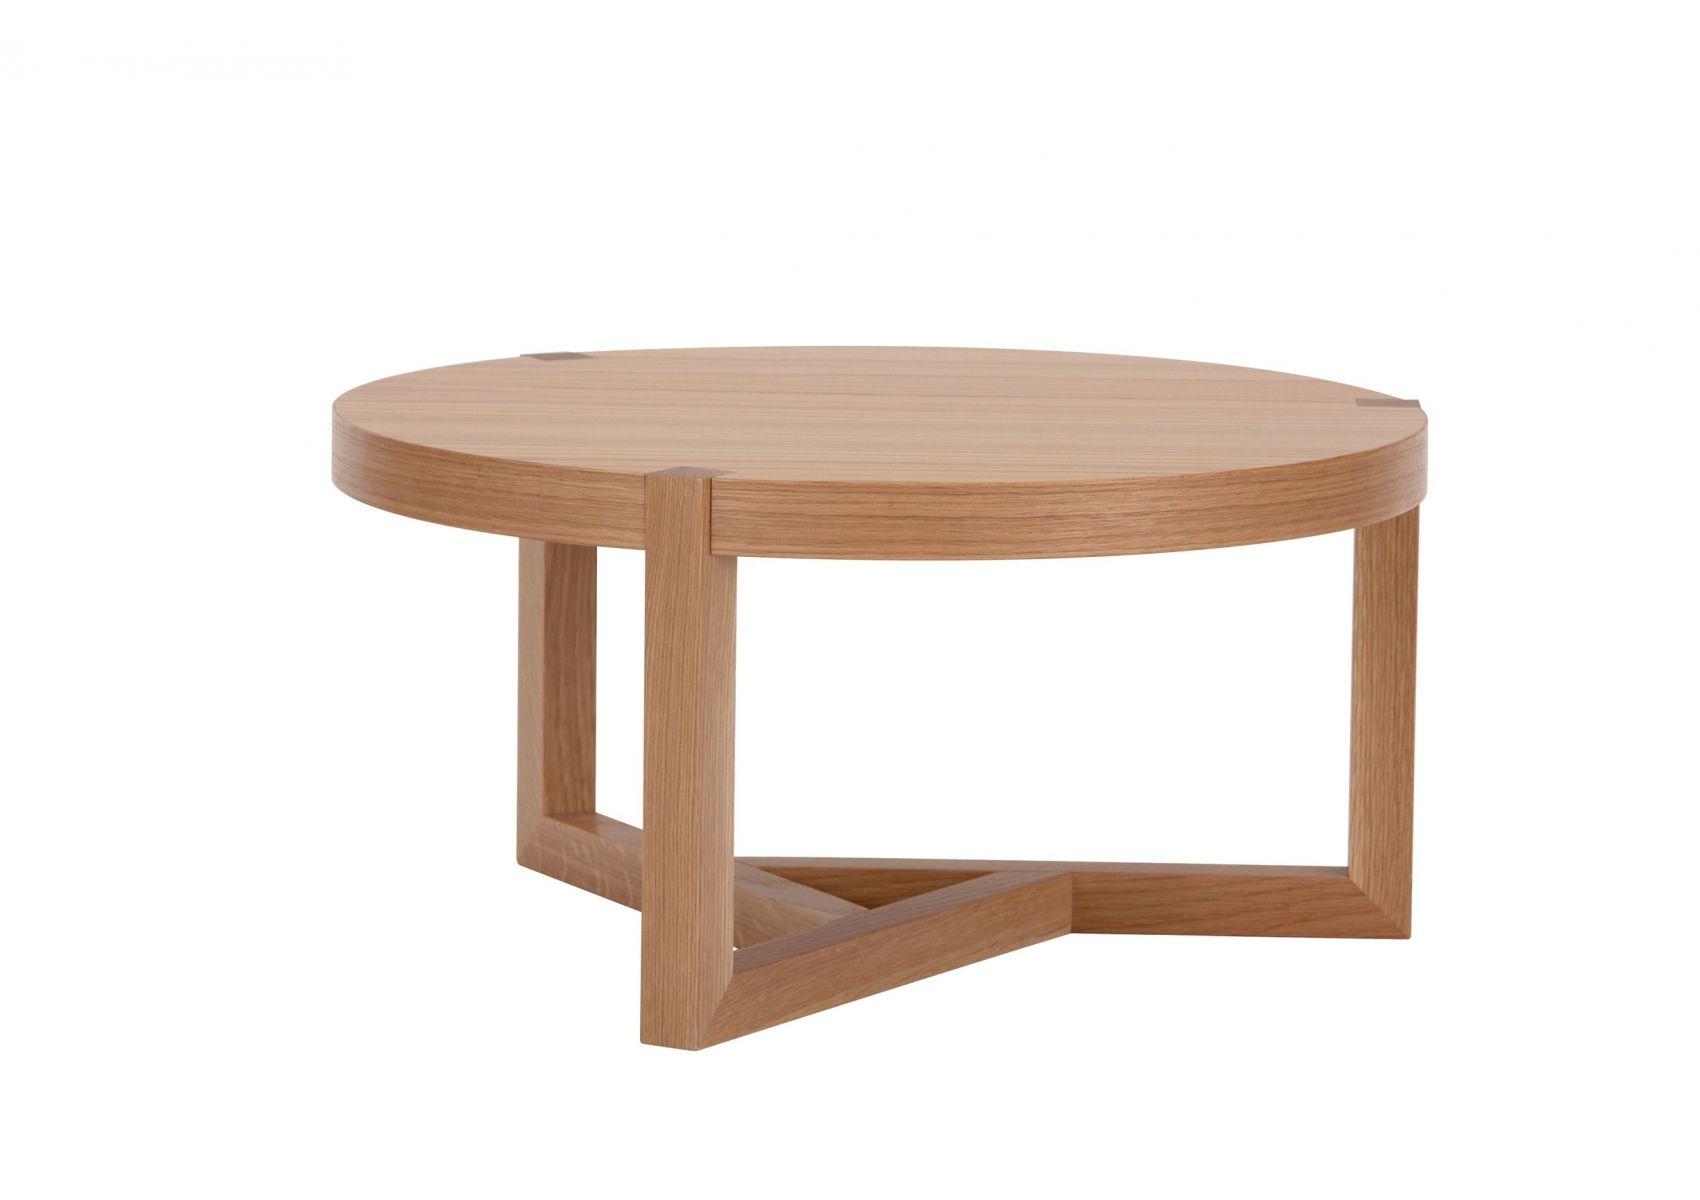 Table basse ronde en bois brentwood de chez woodman - Table basse ronde en bois ...